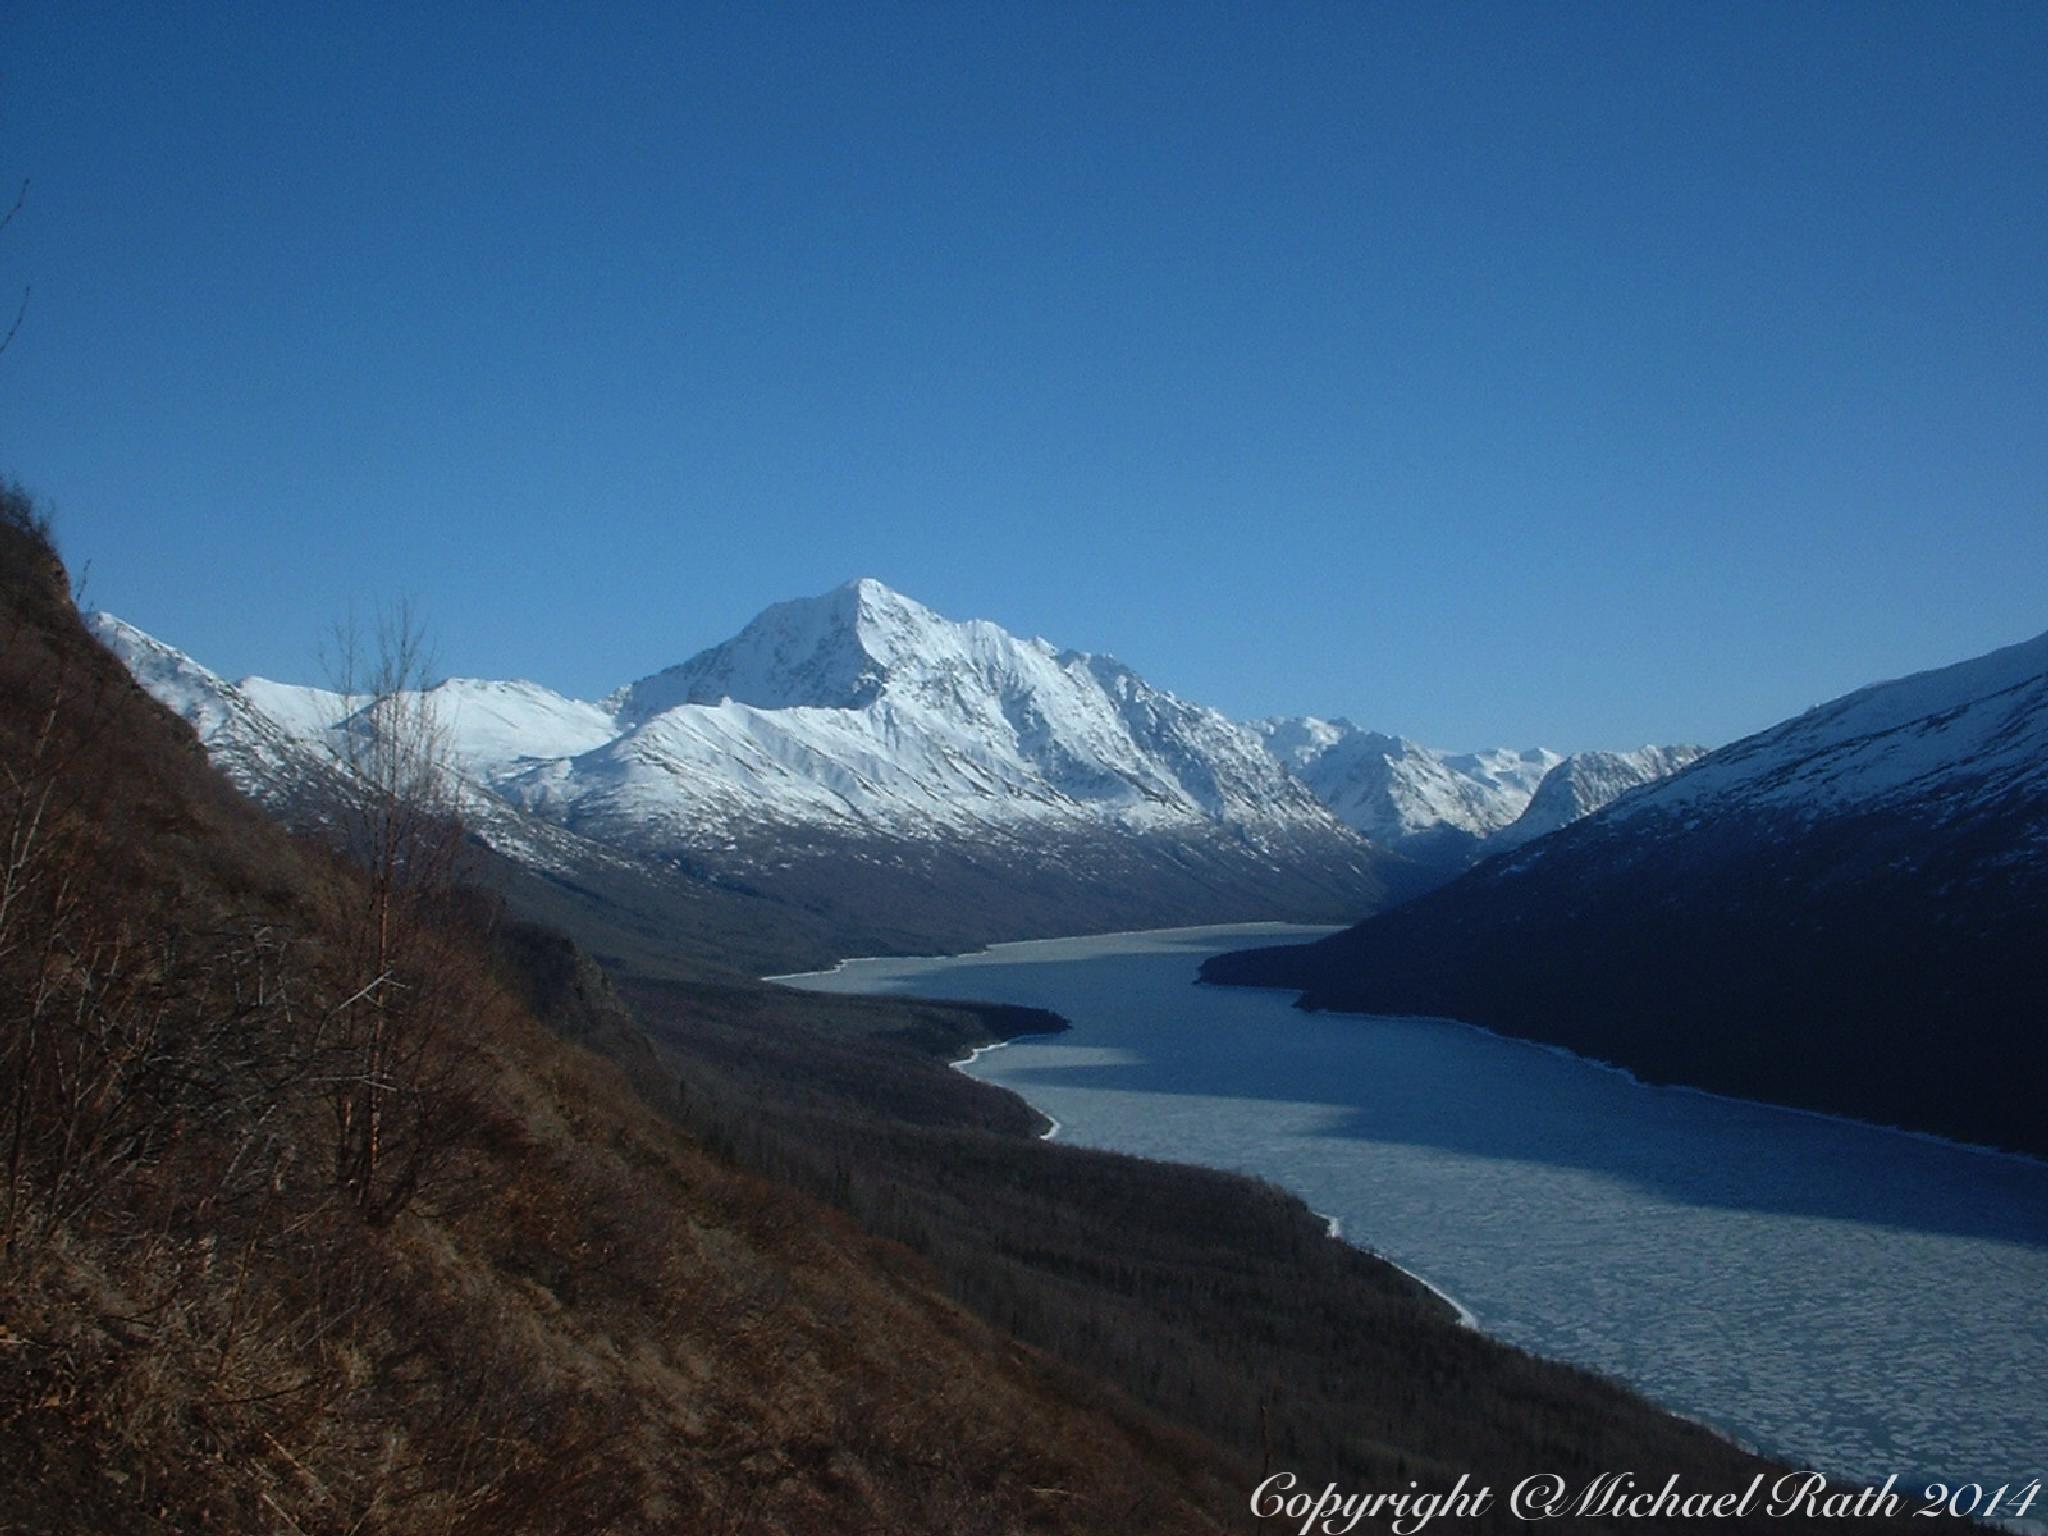 Eklutna Lake in winter by Michael